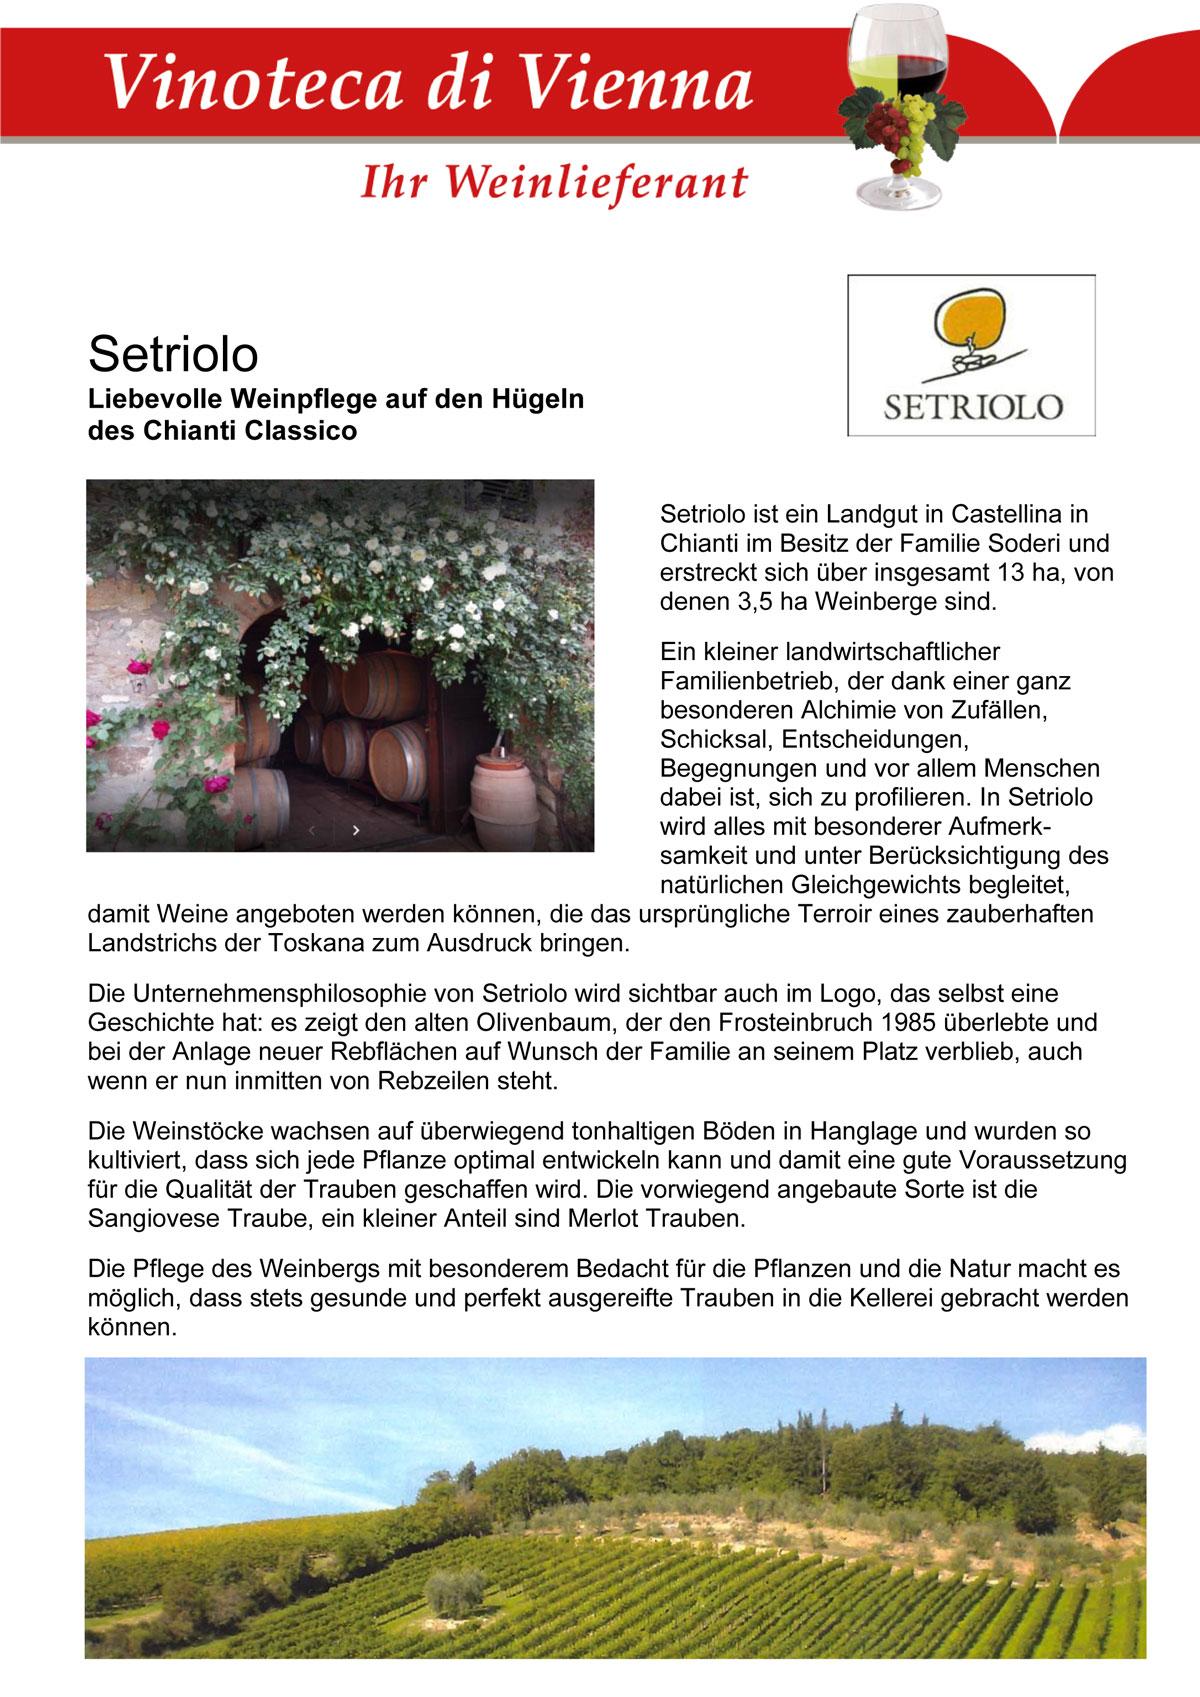 Setriolo, Italien, Toskana, Castellina, Liebevolle Weinpflege auf den Hügeln des Chianti Classico